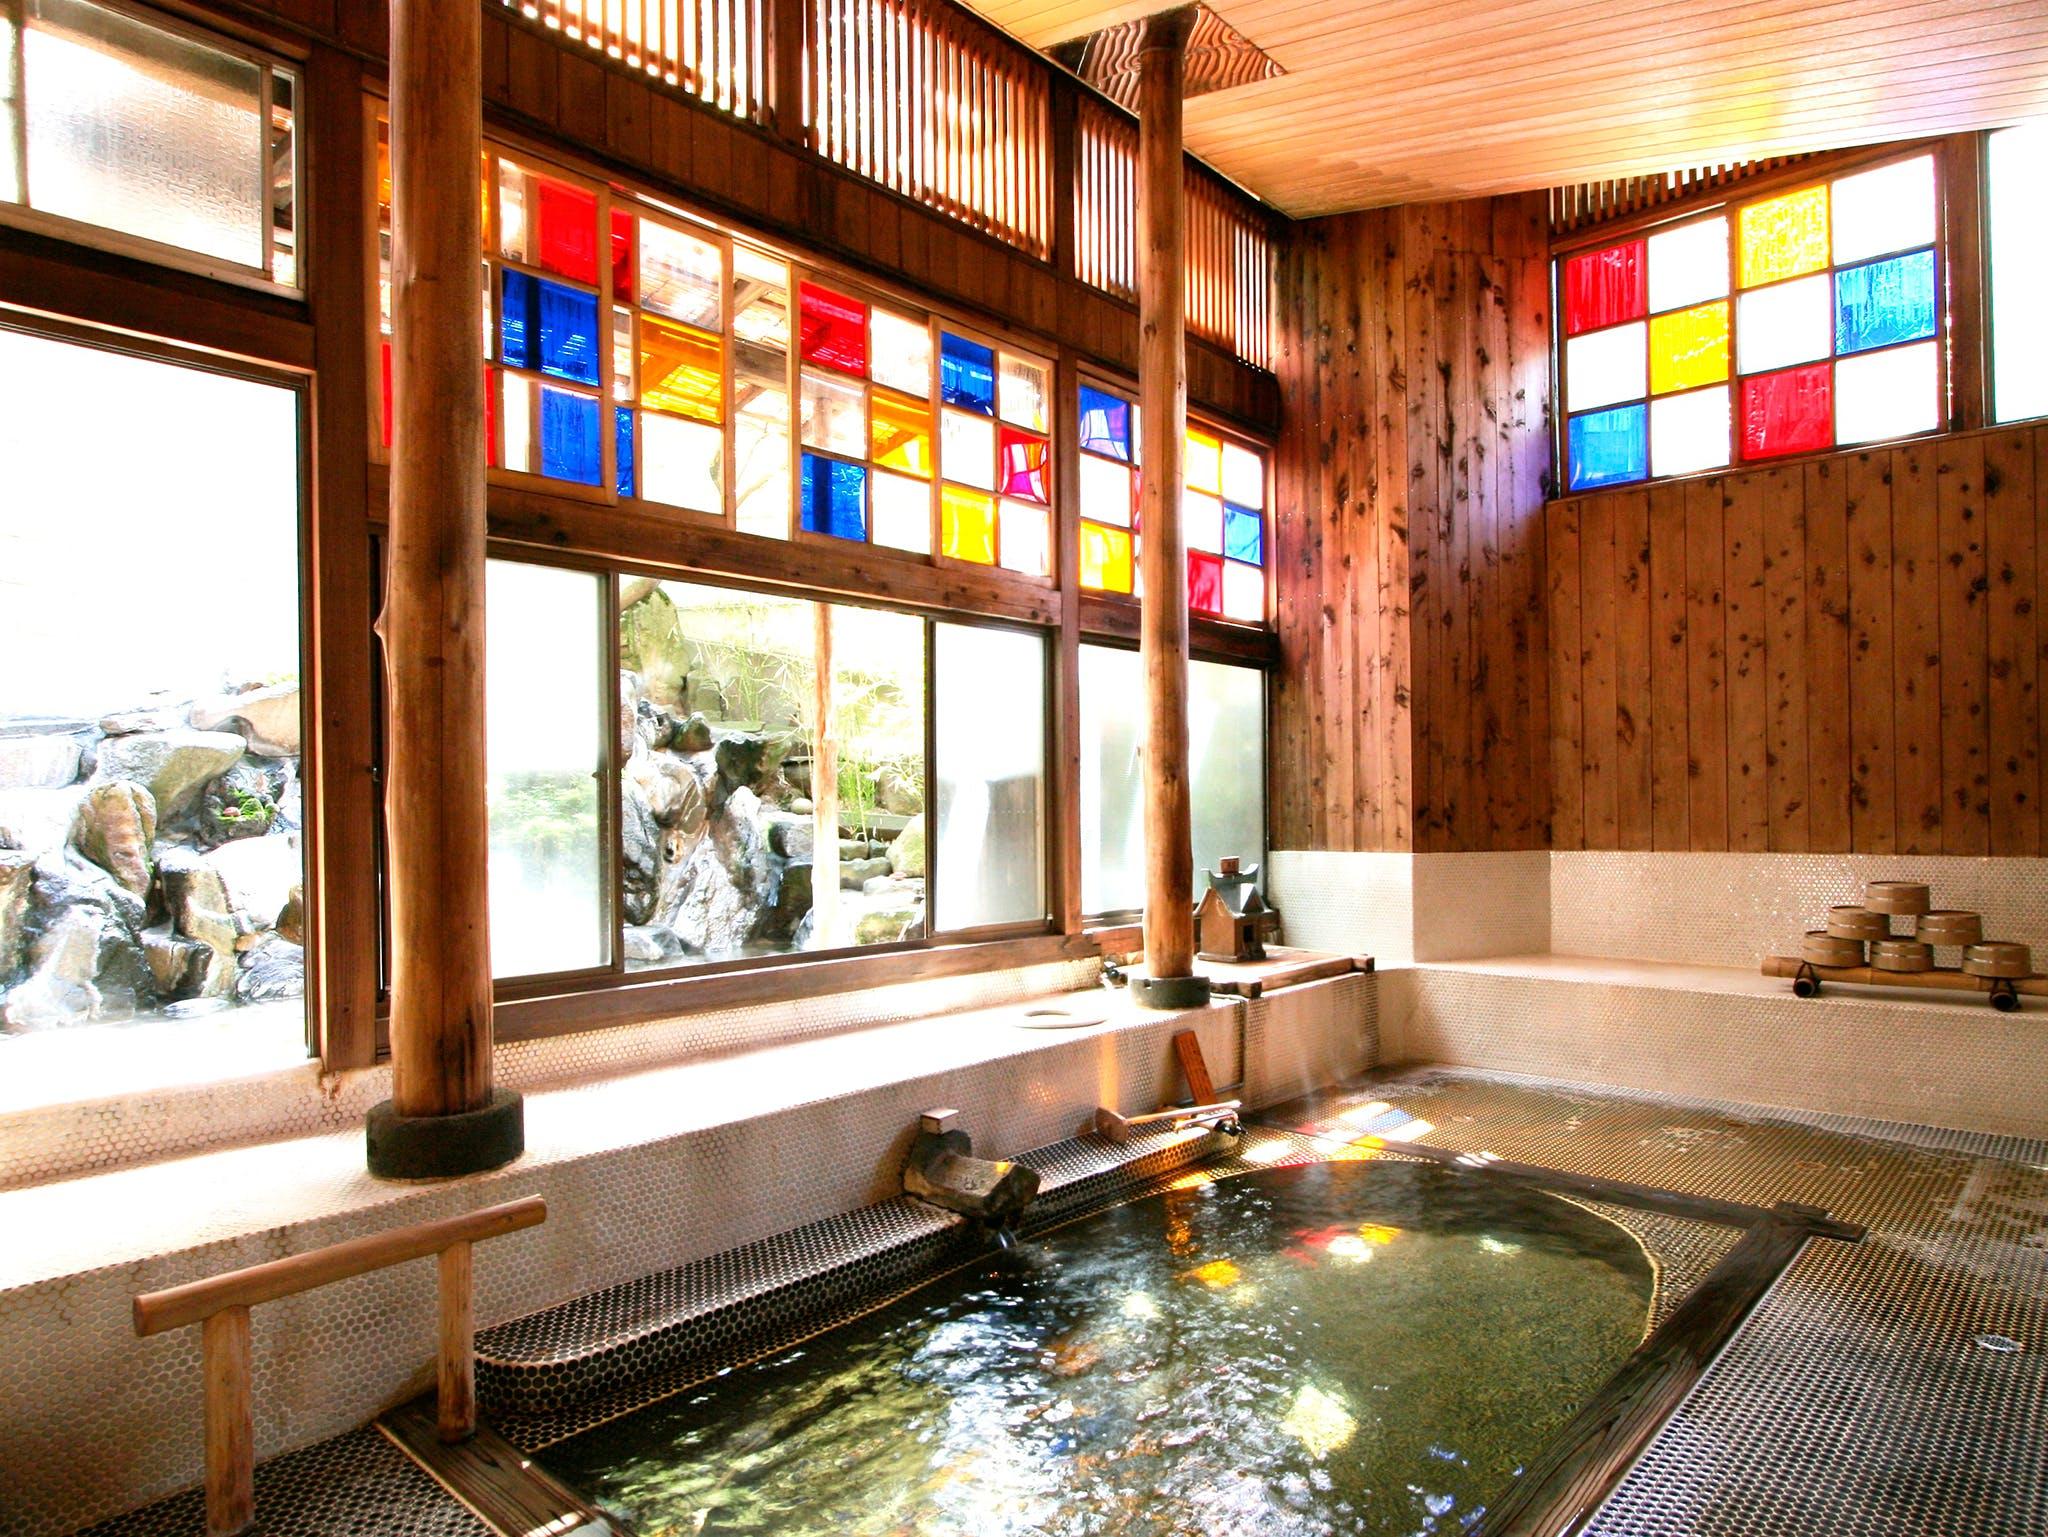 長野・野沢温泉の滋味深い食事と新鮮な温泉に和む